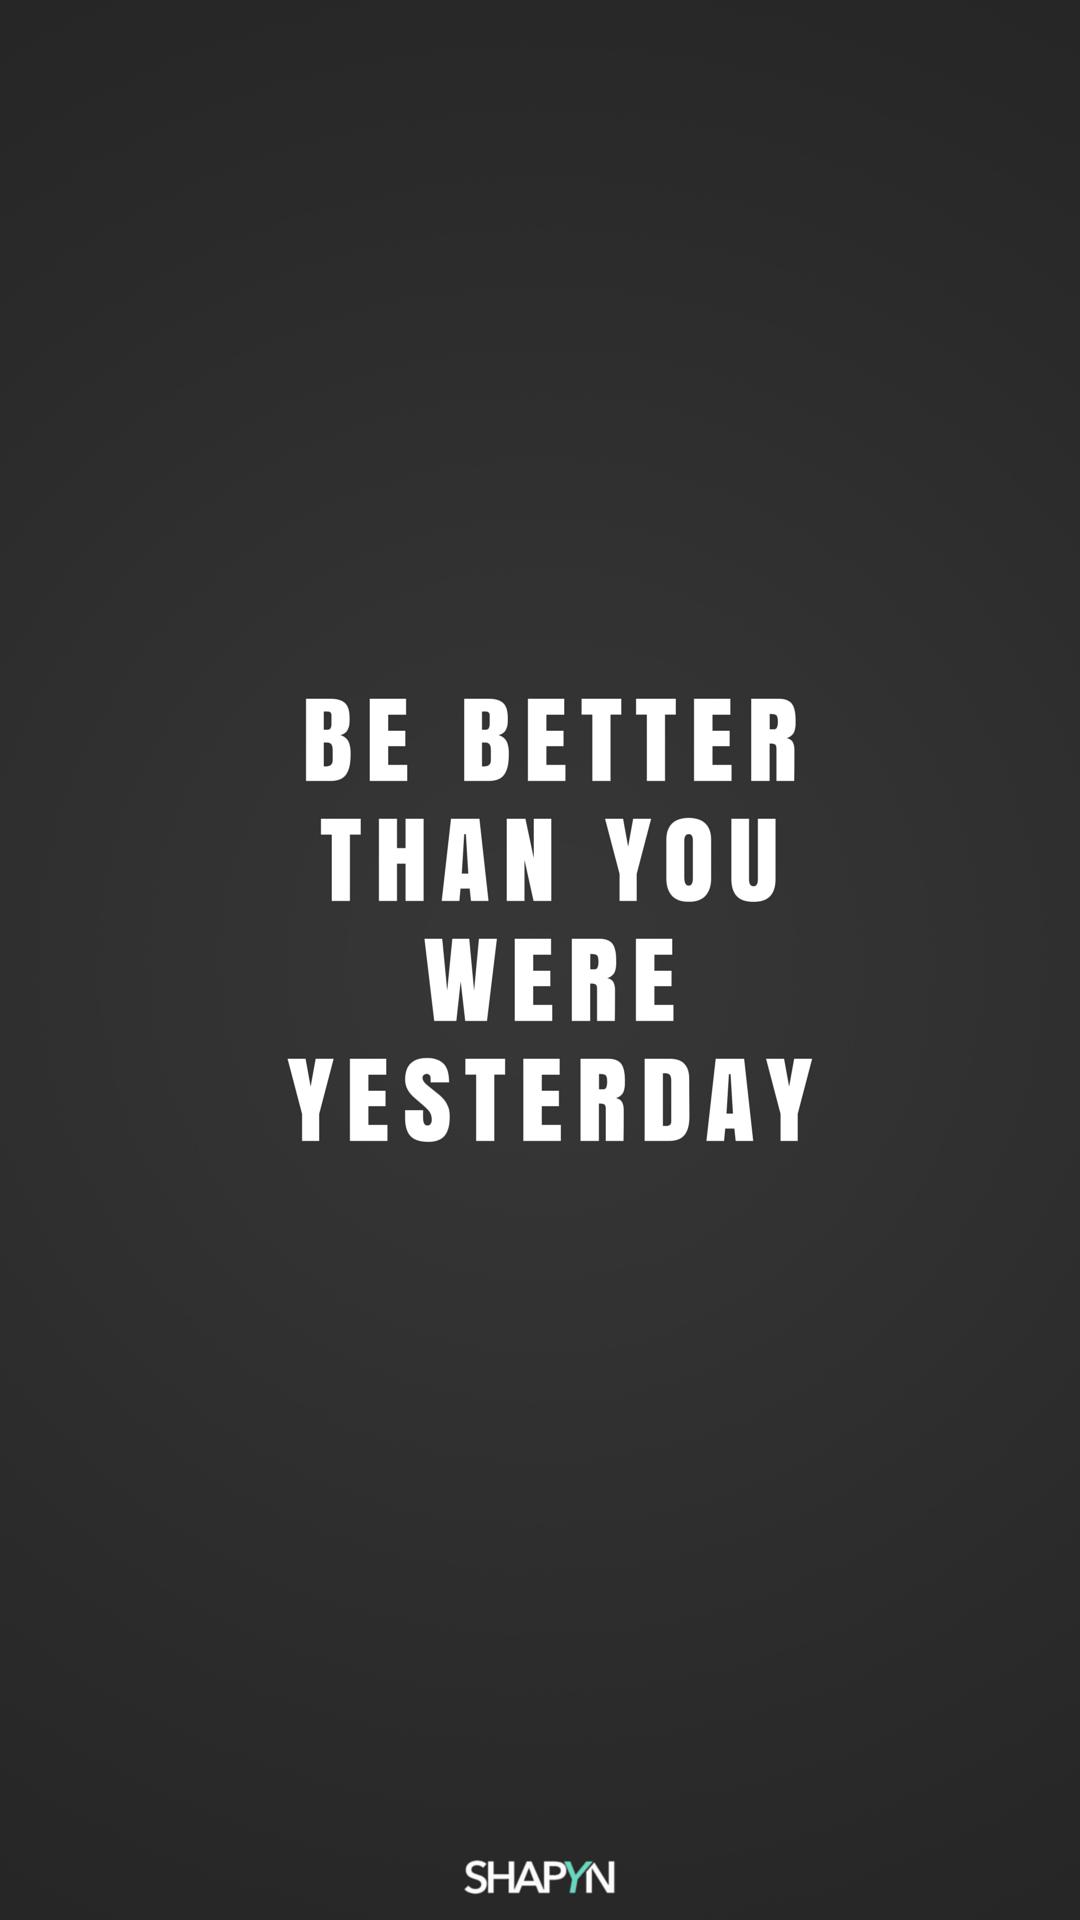 sei besser als gestern dunkel